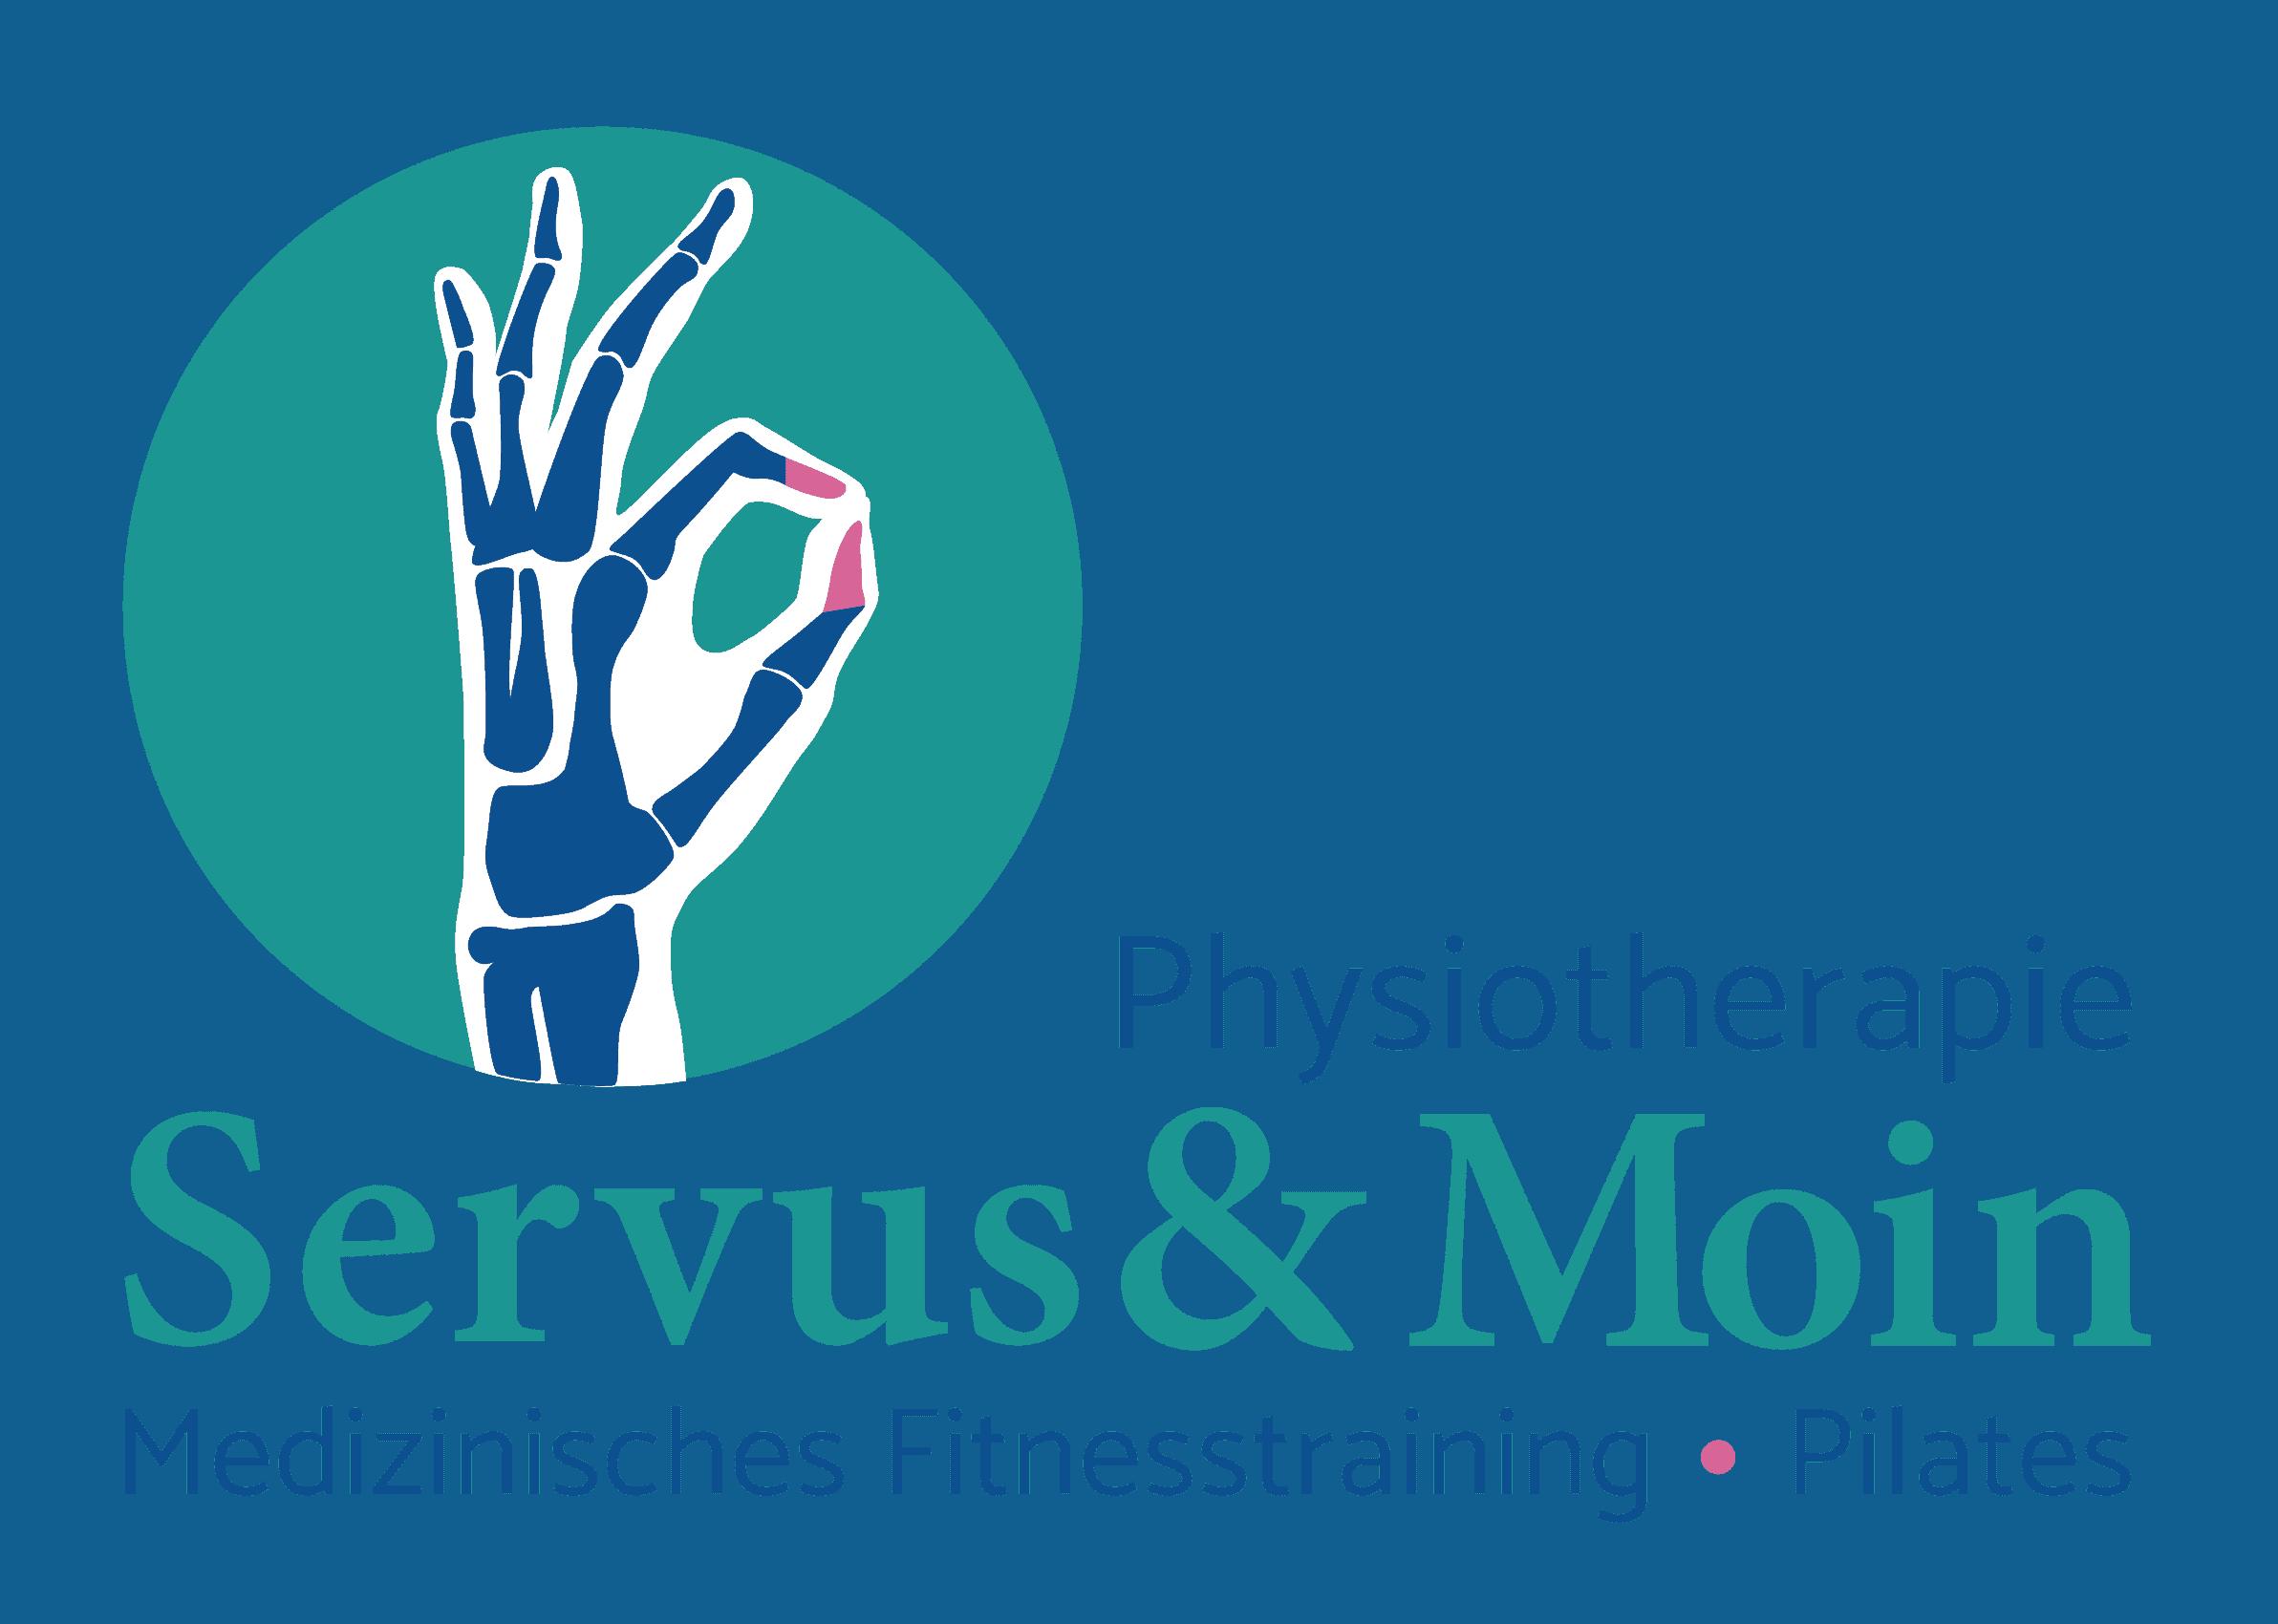 Physiotherapie Servus & Moin